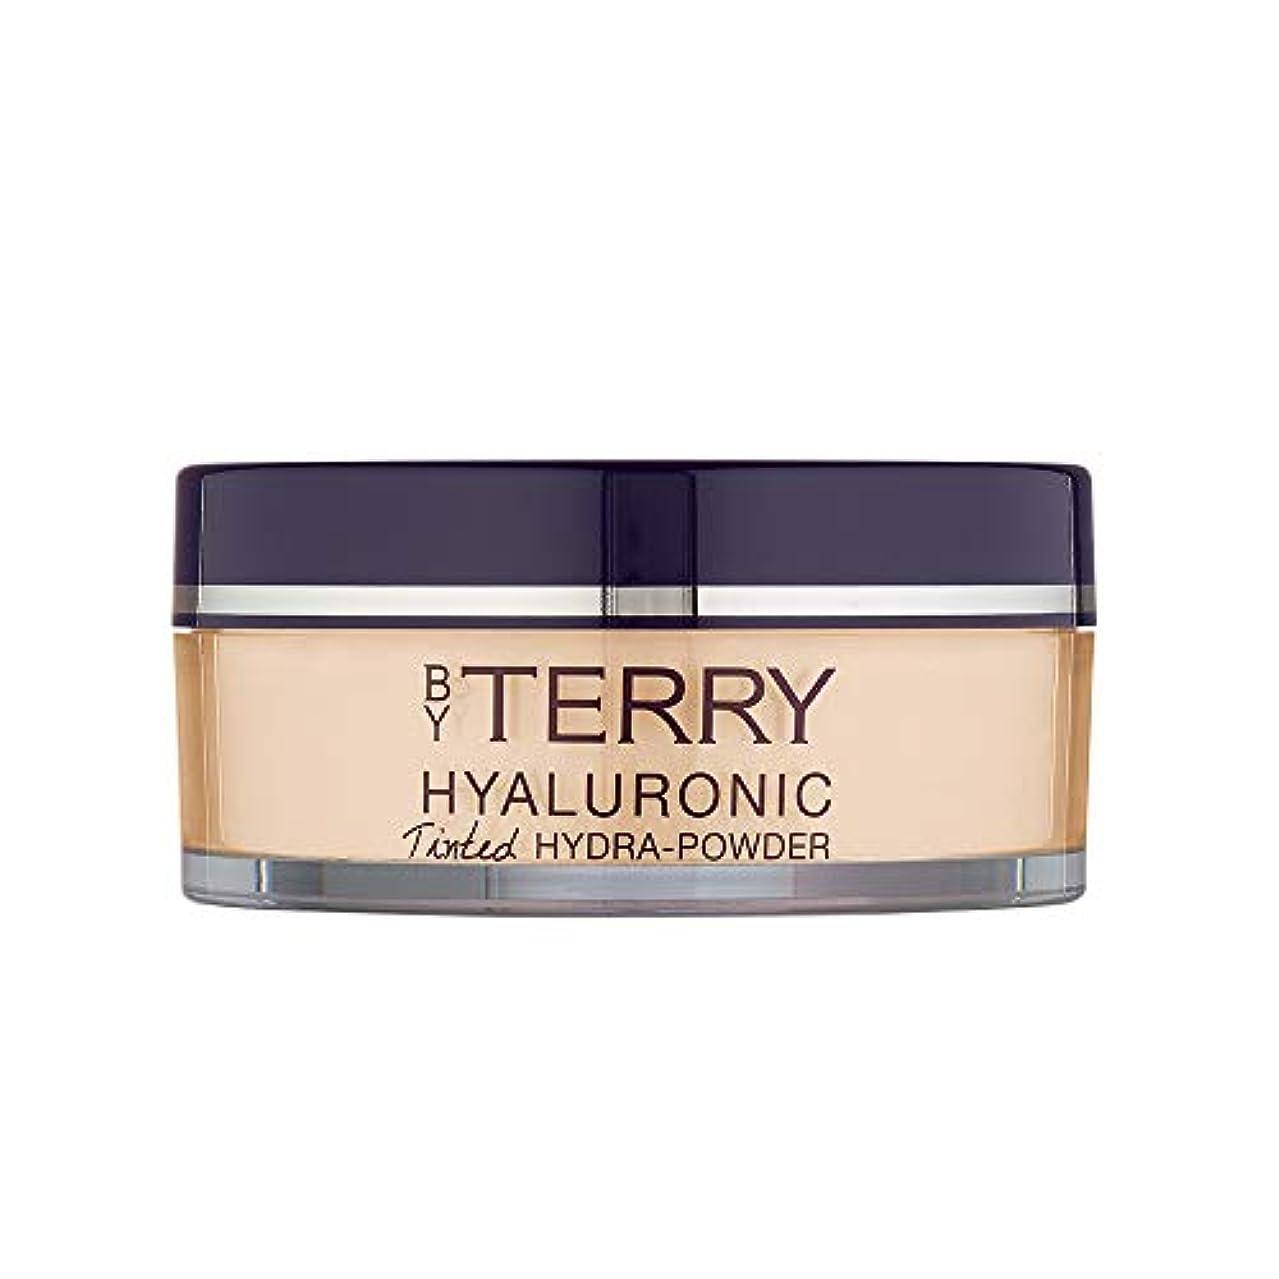 バイテリー Hyaluronic Tinted Hydra Care Setting Powder - # 100 Fair 10g/0.35oz並行輸入品